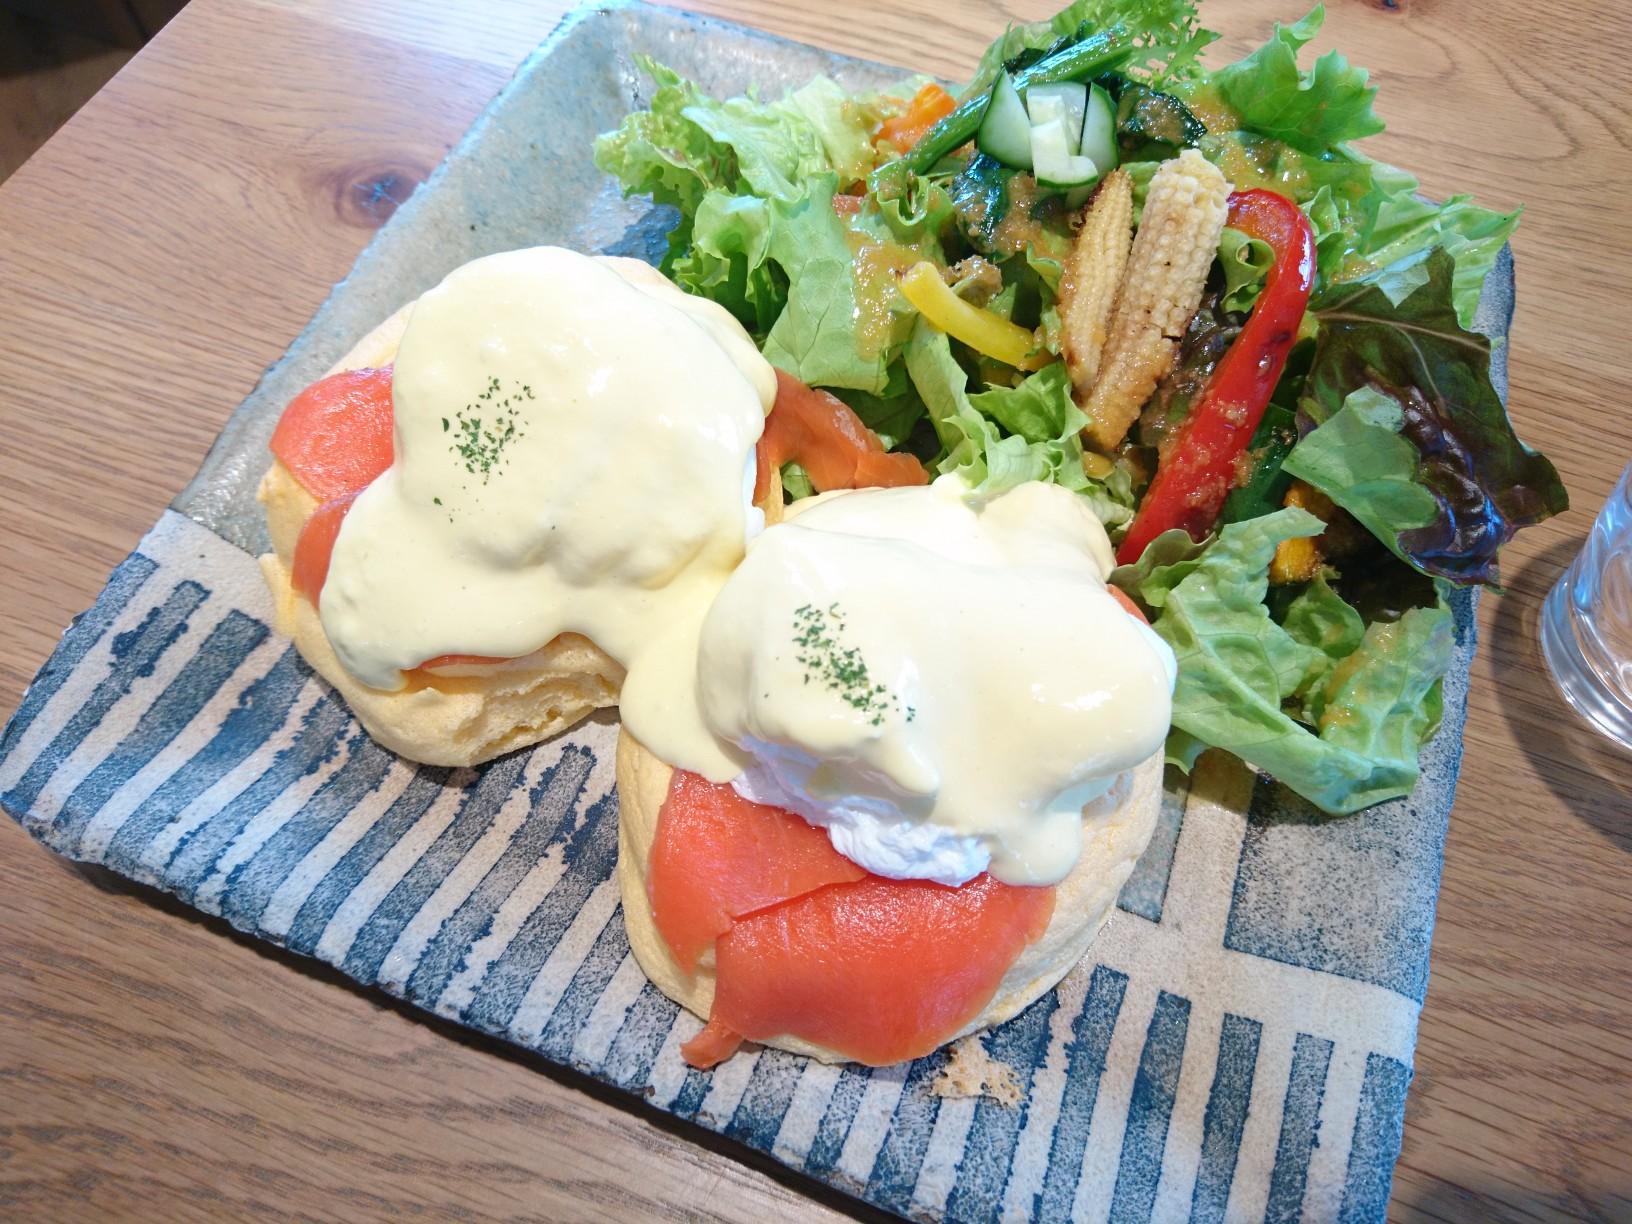 ≪兵庫県・西宮≫ランチもスイーツも美味♡ ふわふわスフレパンケーキのカフェ_2